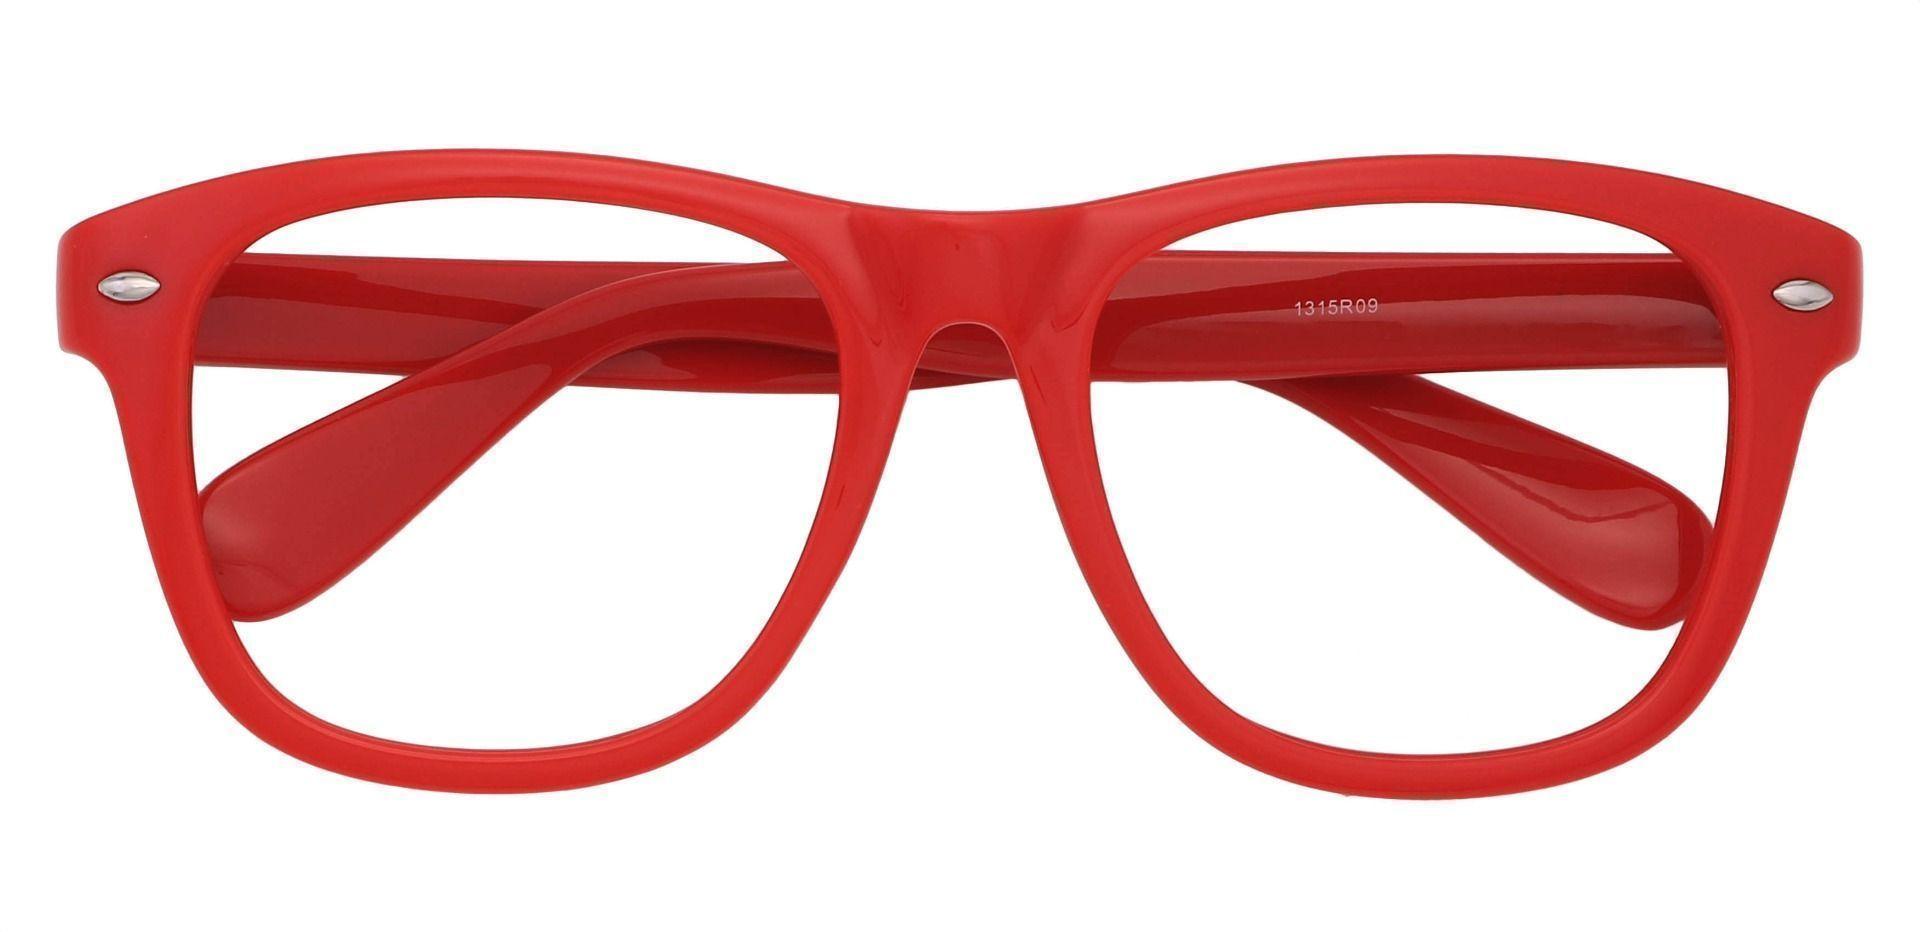 Yolanda Square Prescription Glasses - Red